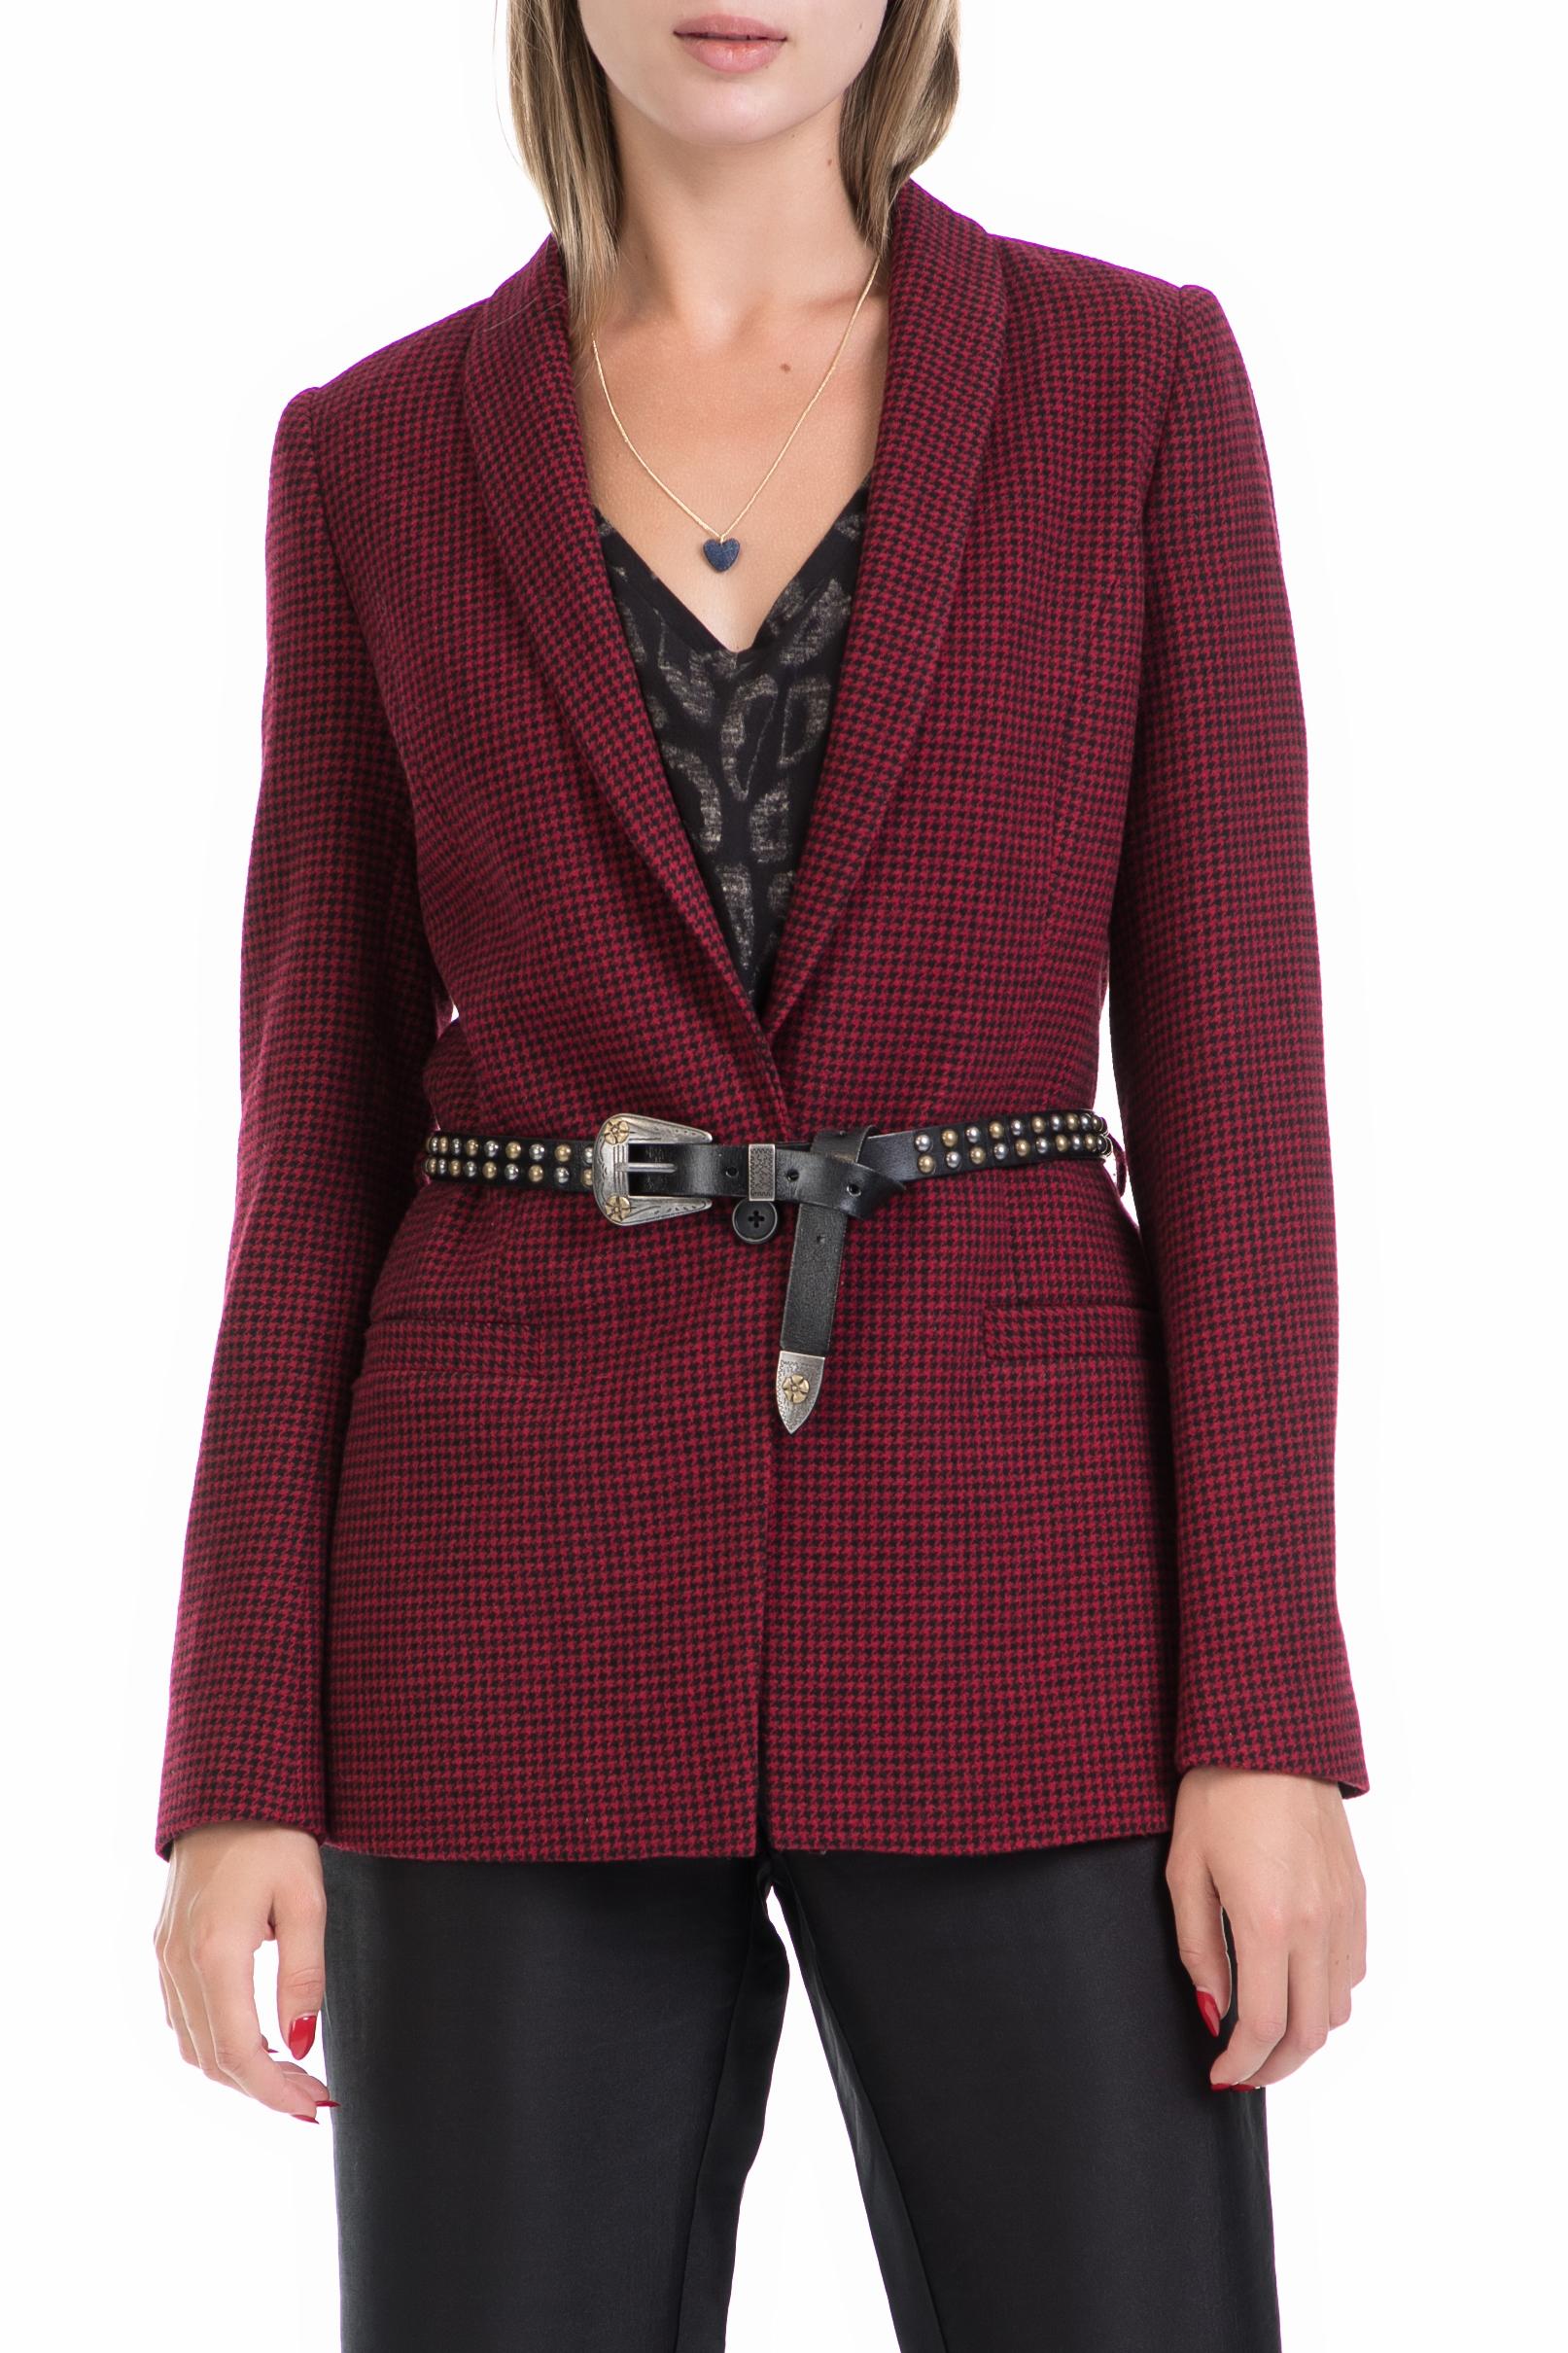 SCOTCH & SODA - Γυναικείο σακάκι Maison Scotch κόκκινο-μαύρο γυναικεία ρούχα πανωφόρια σακάκια